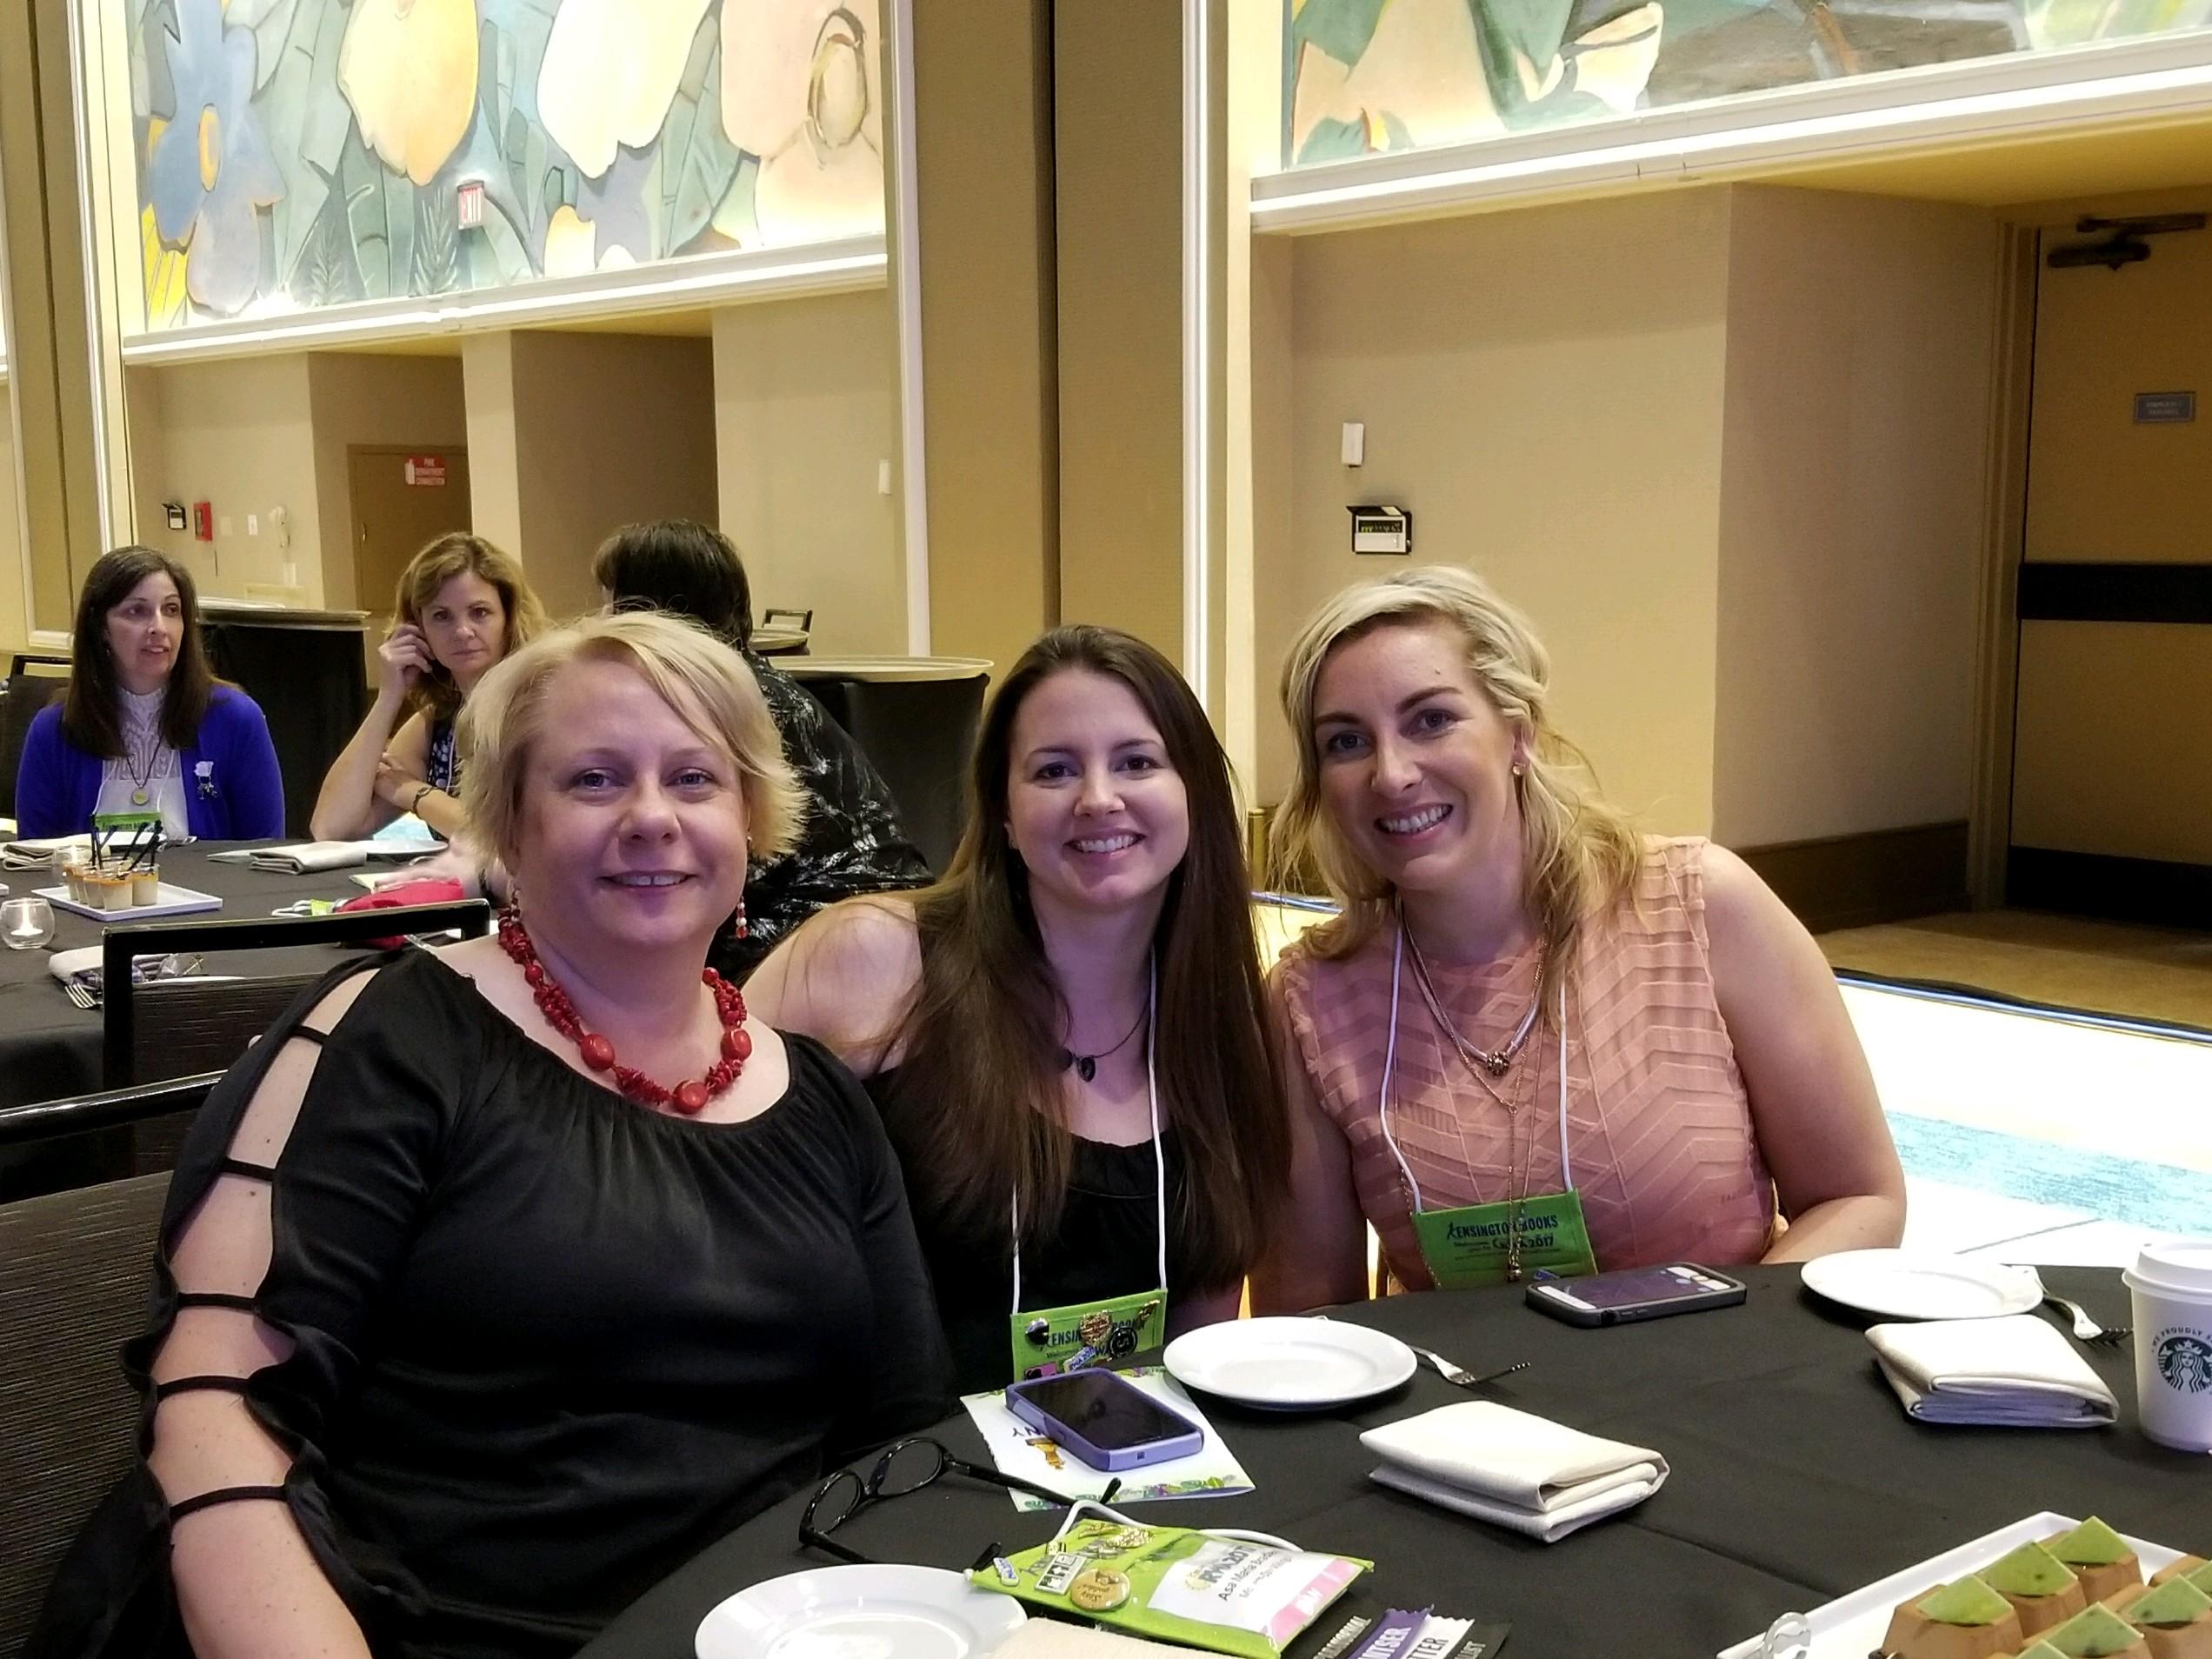 Jessica, Asa Maria Bradley, & Bec McMaster